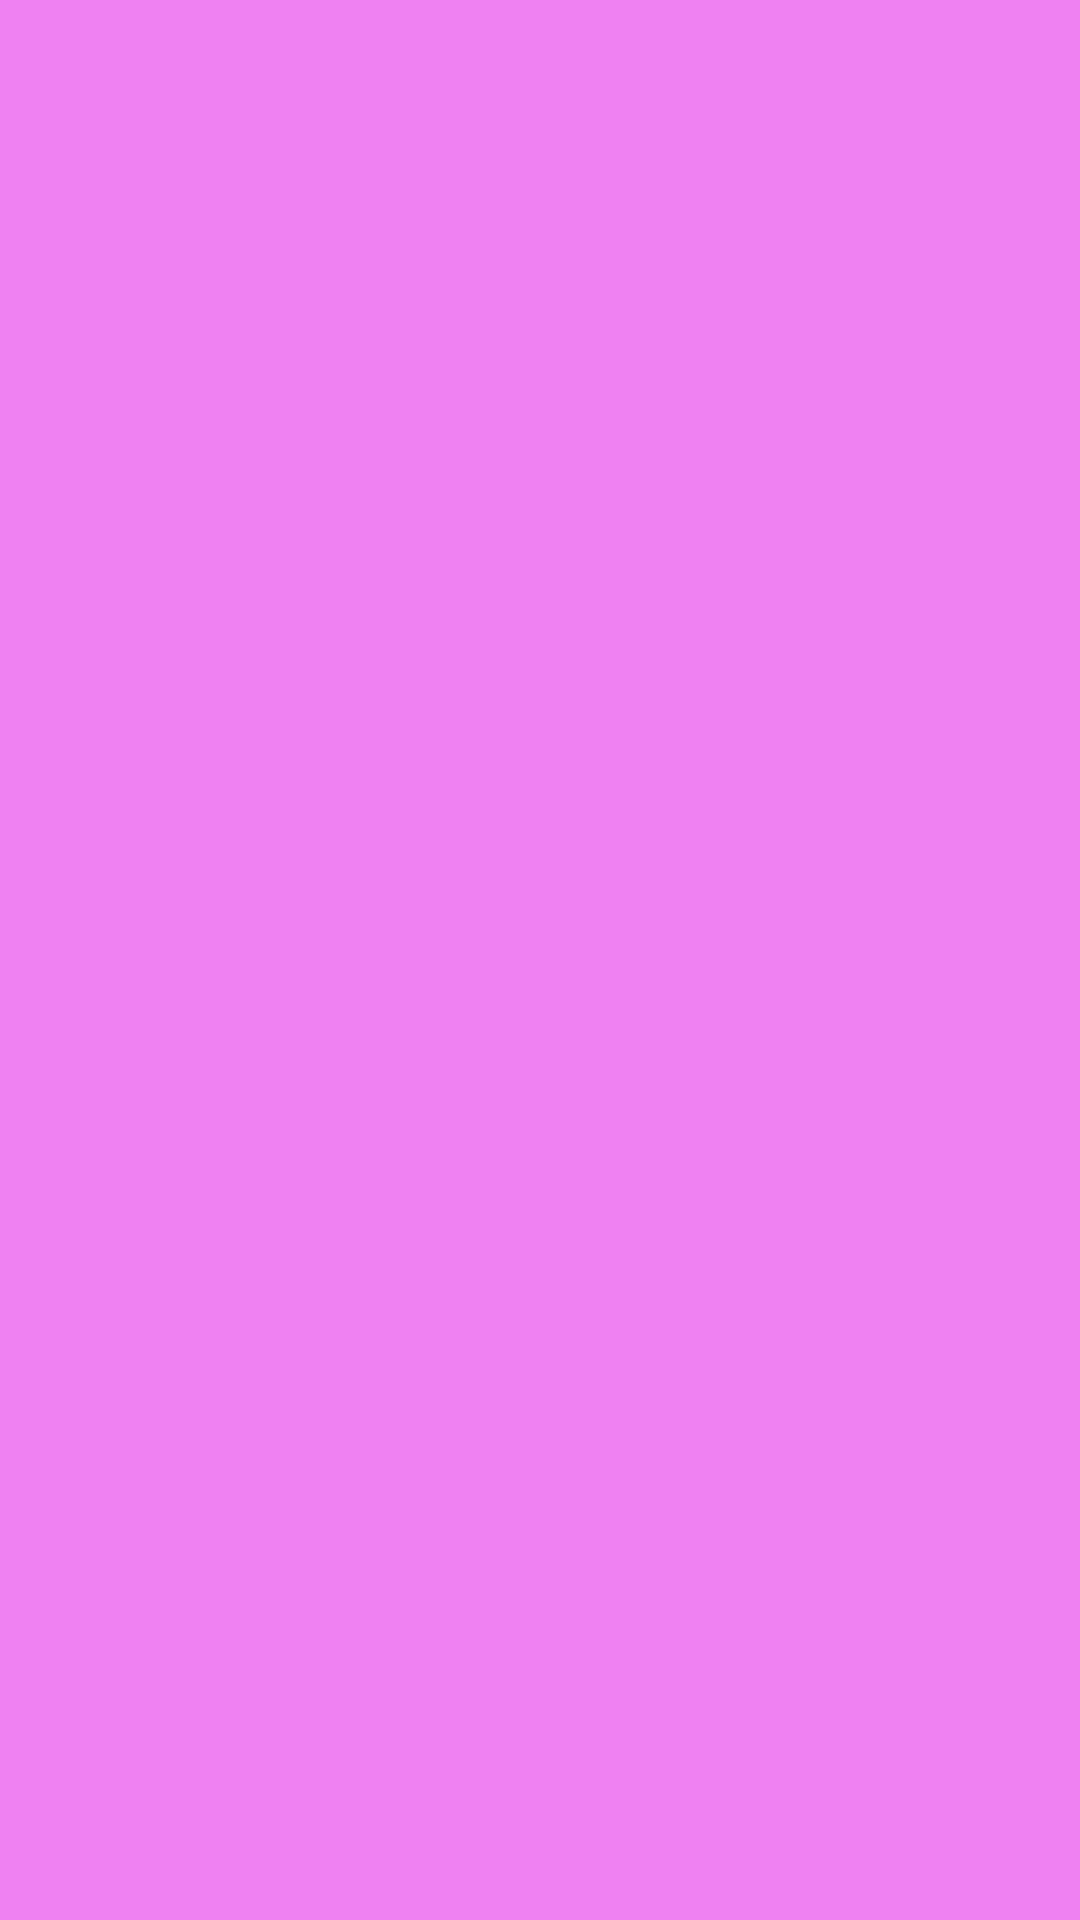 1080x1920 Lavender Magenta Solid Color Background